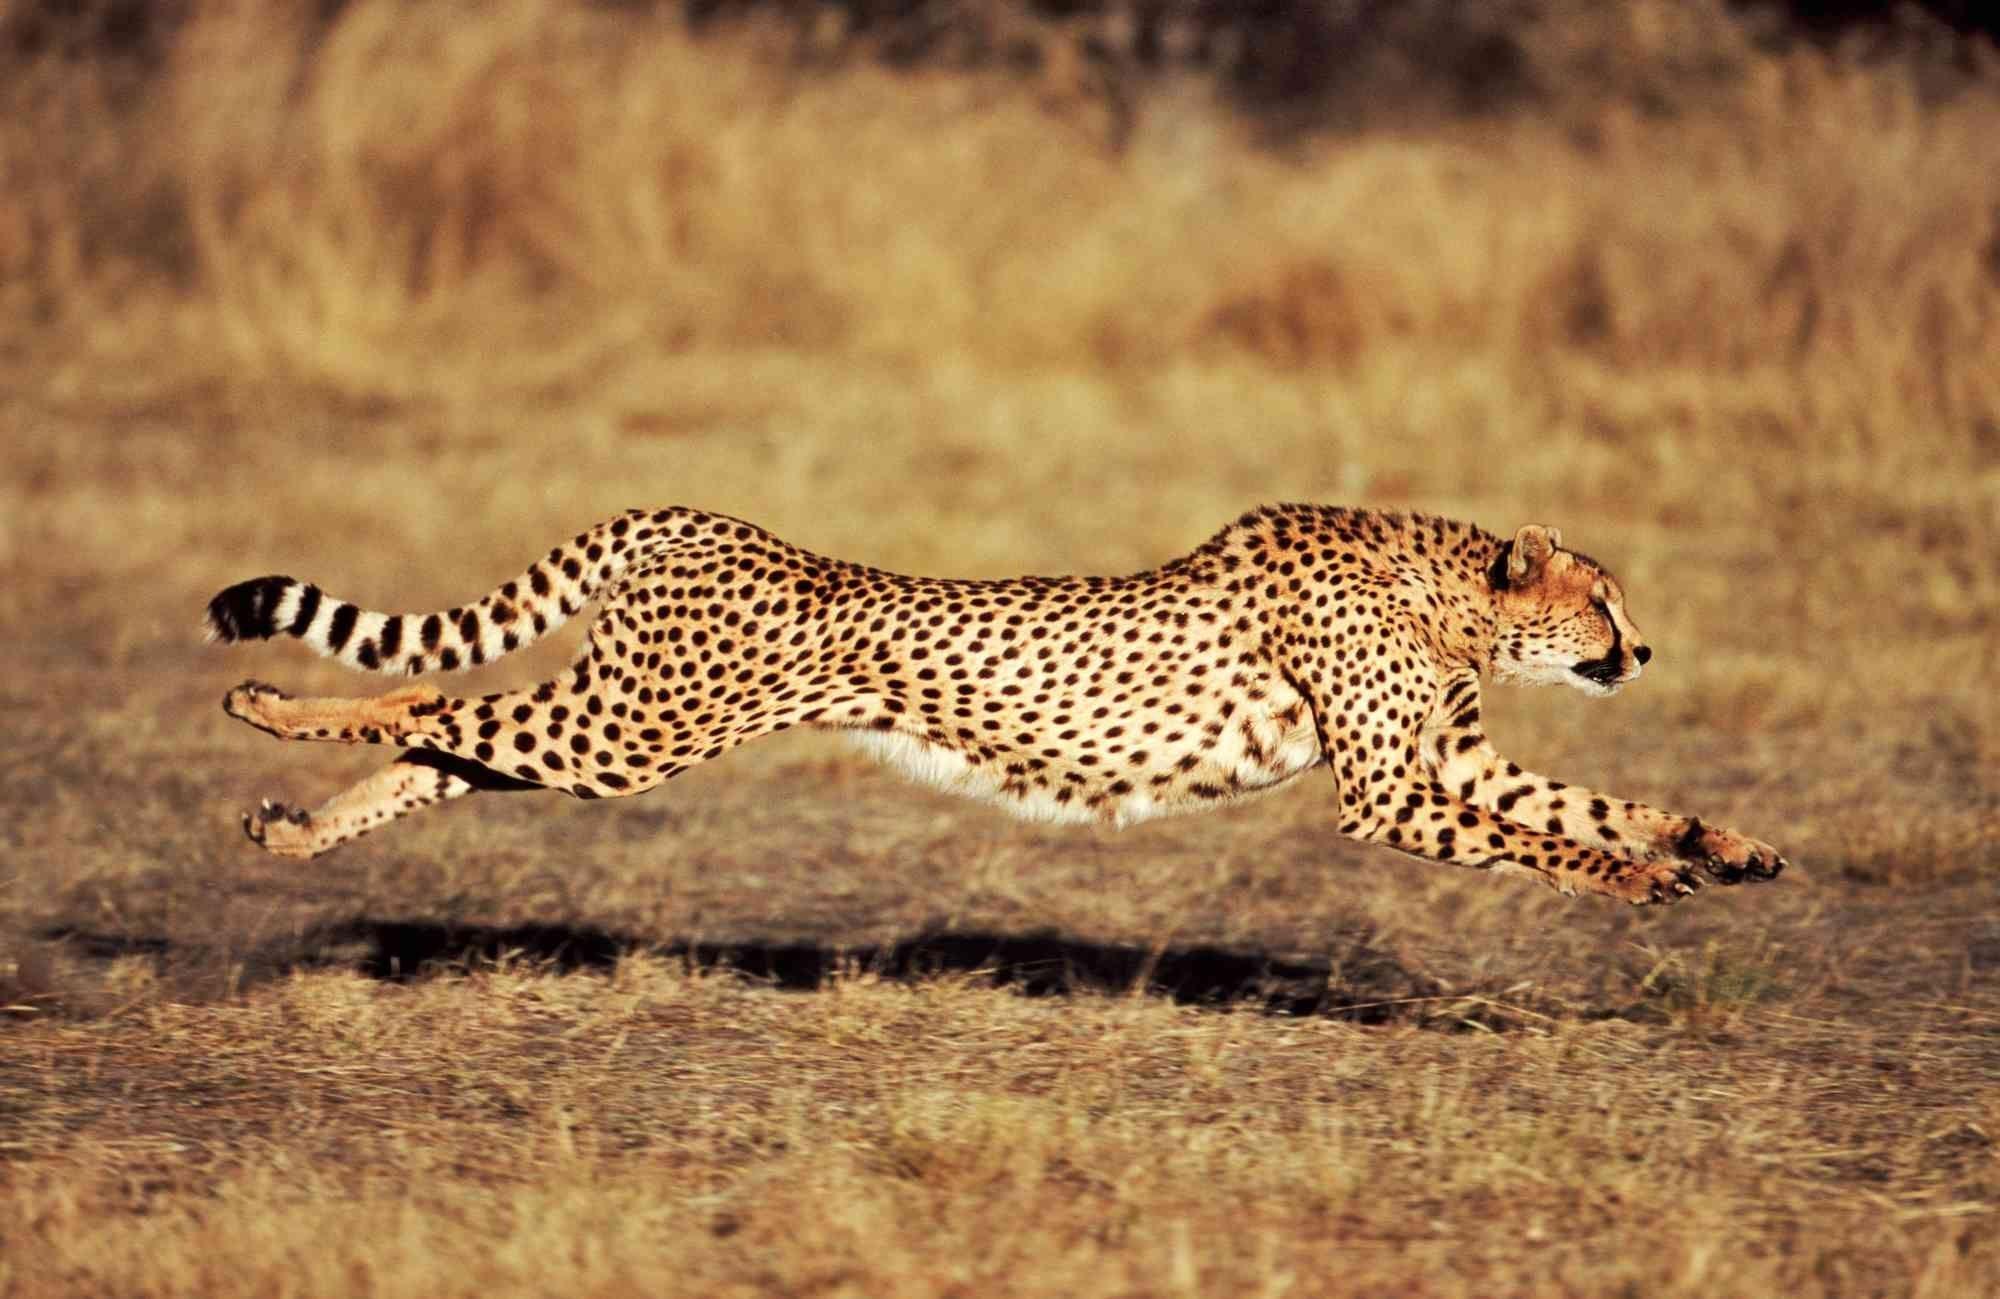 cheetah wallpaper desktop backgrounds